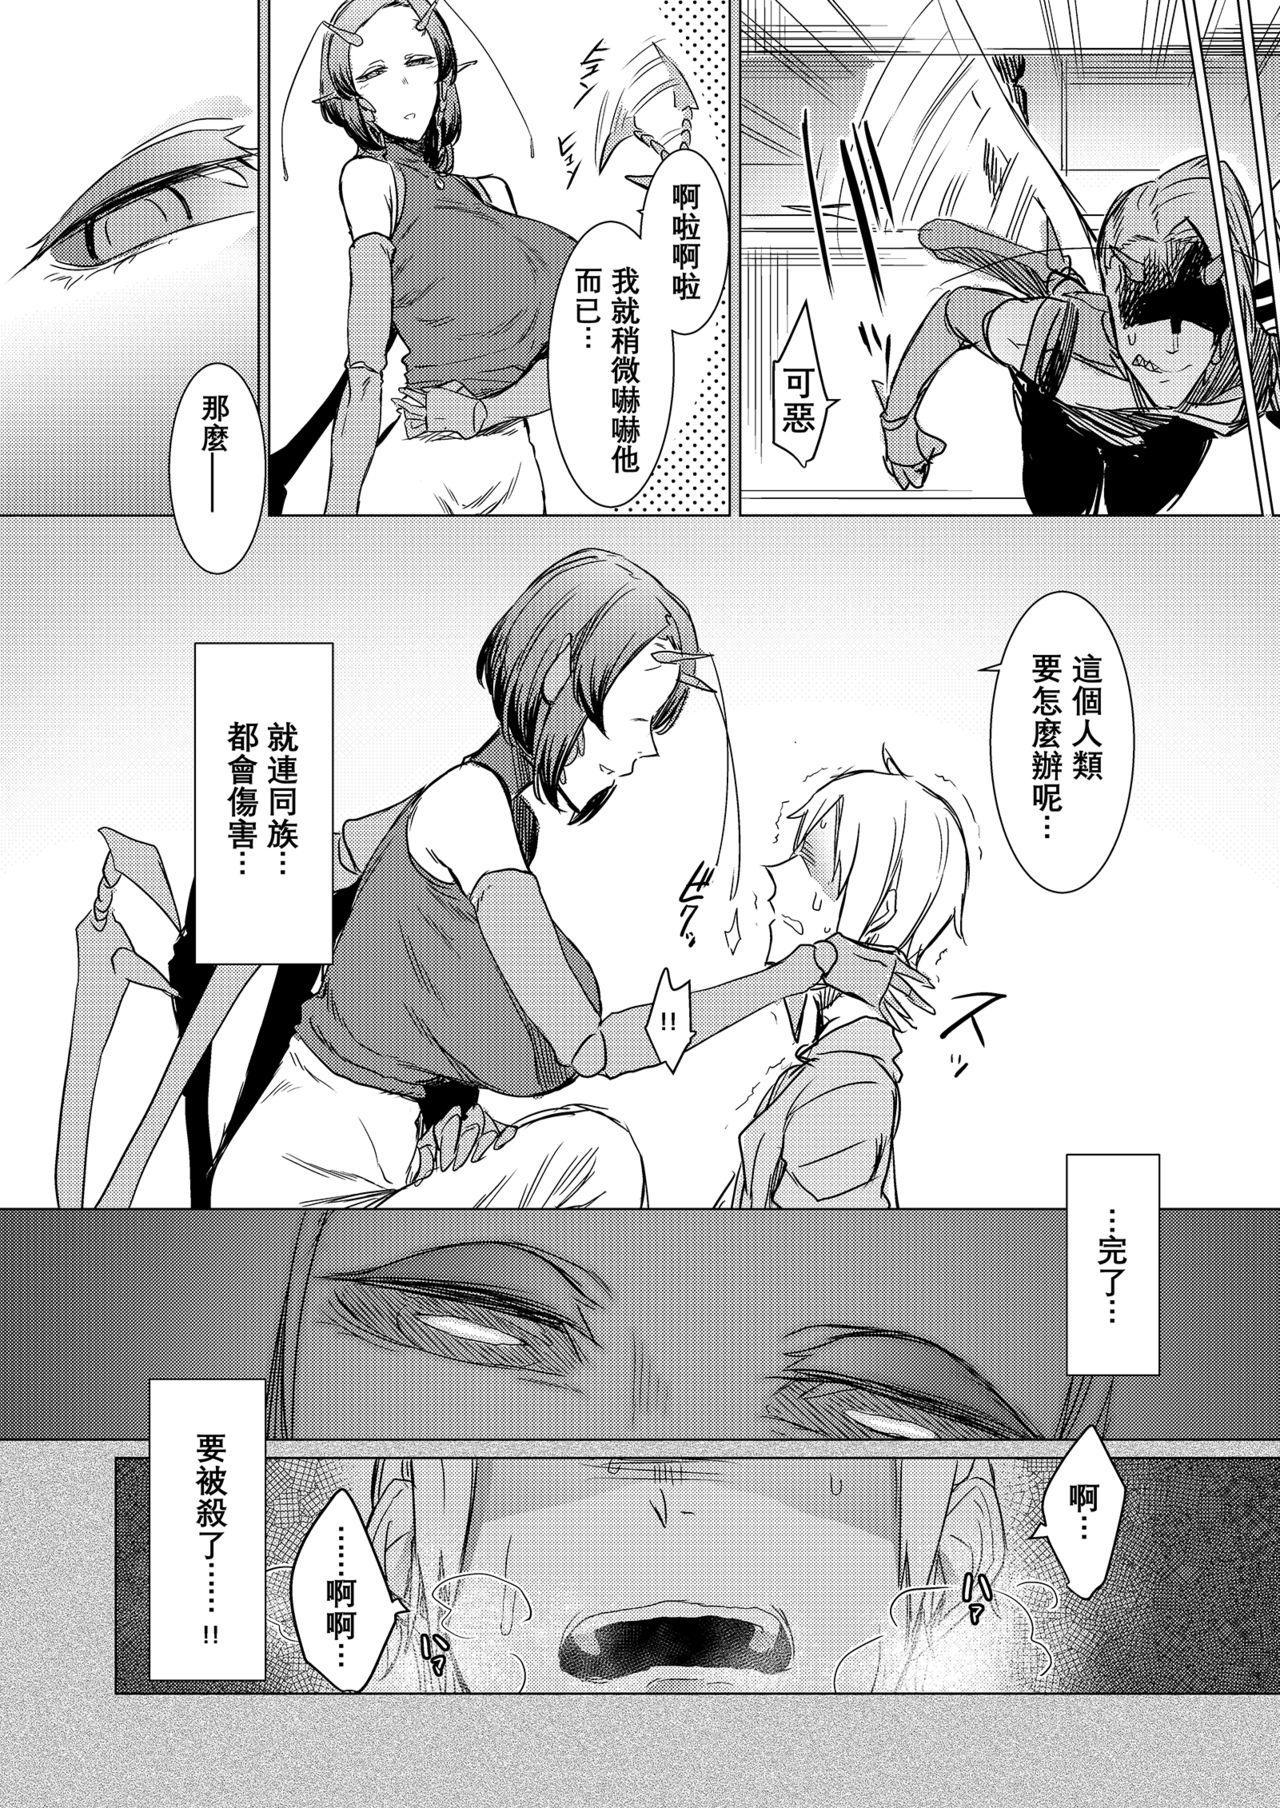 Niji no Ori 8